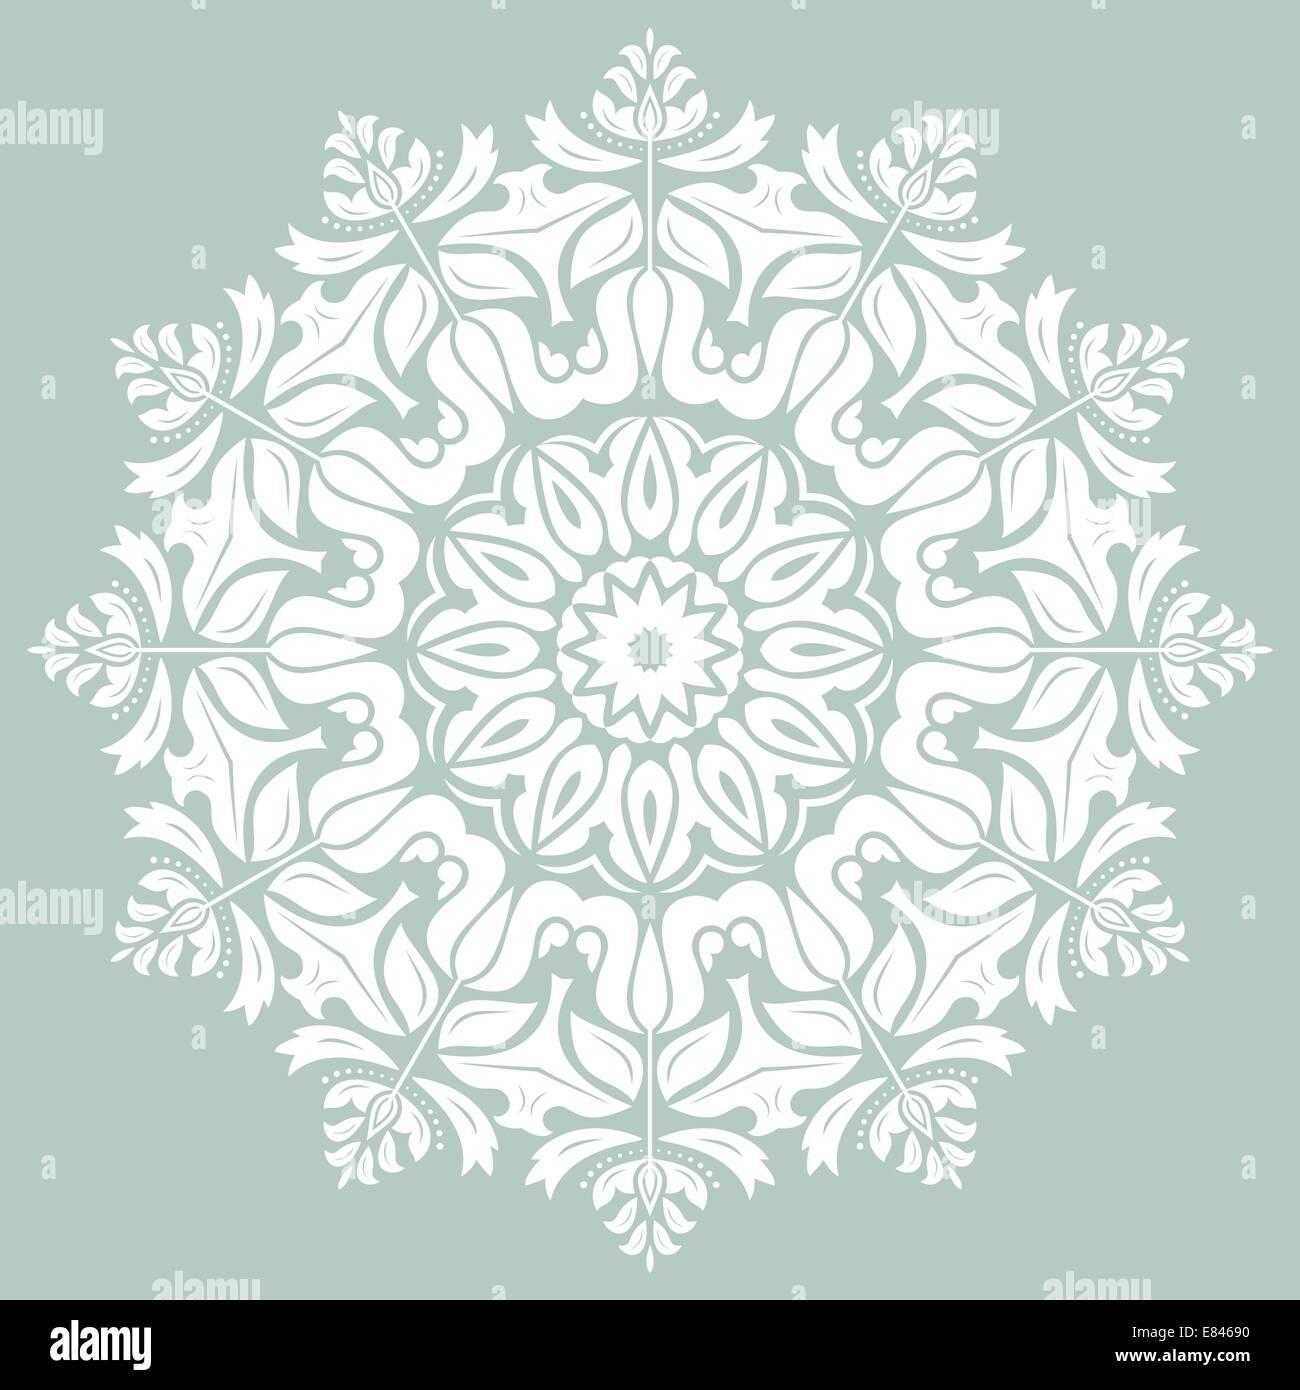 Patrón de vectores orientales con Damasco, arabesco y elementos florales. Resumen Antecedentes Imagen De Stock